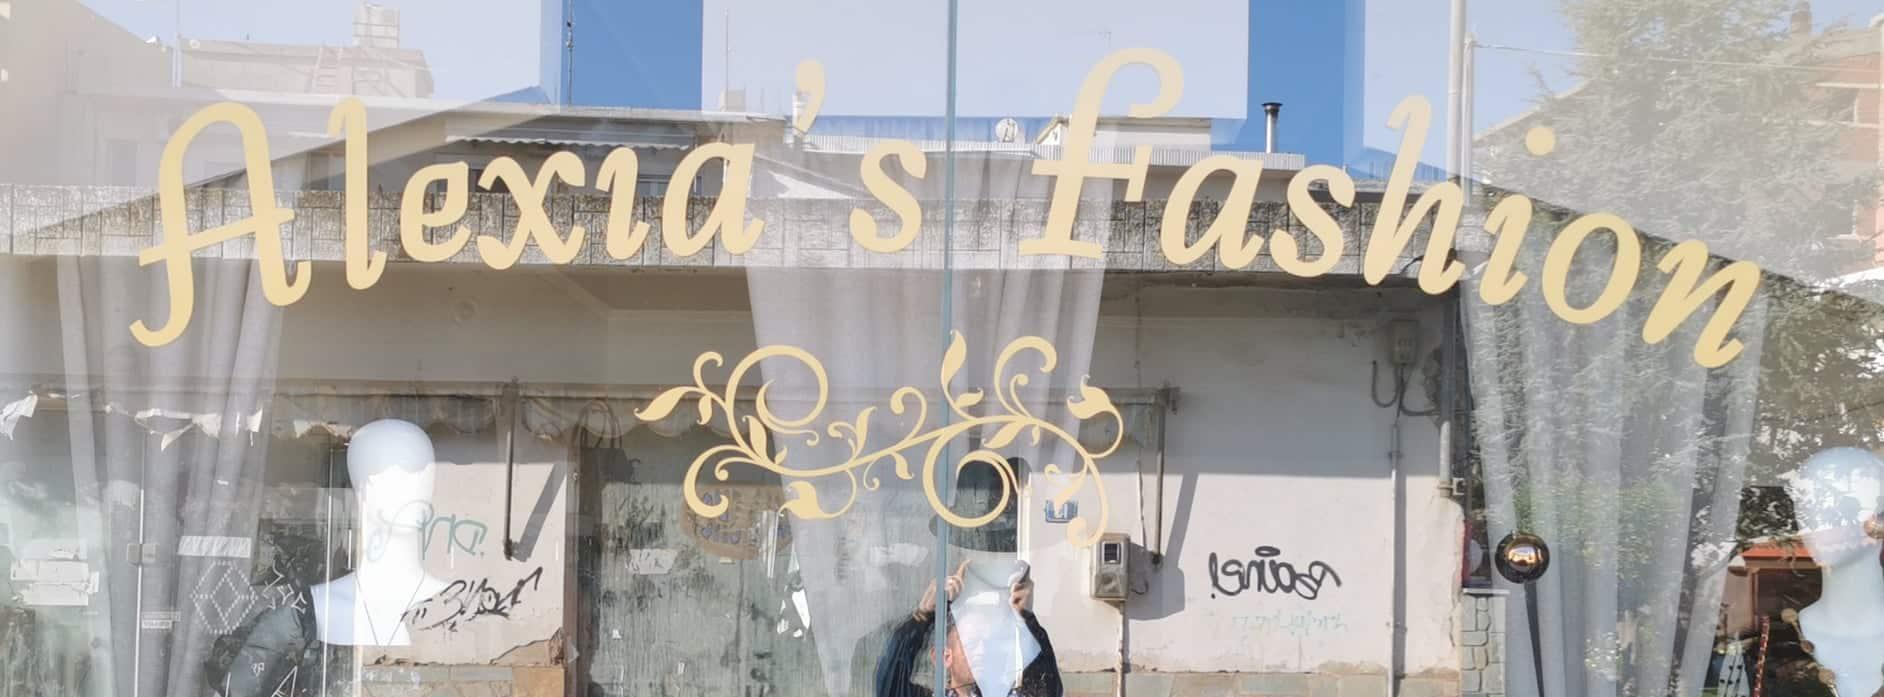 Tο κατάστημα  «Alexia's Fashion» σας εύχεται καλές γιορτές 79387359 458373385097663 3030890650498236416 n